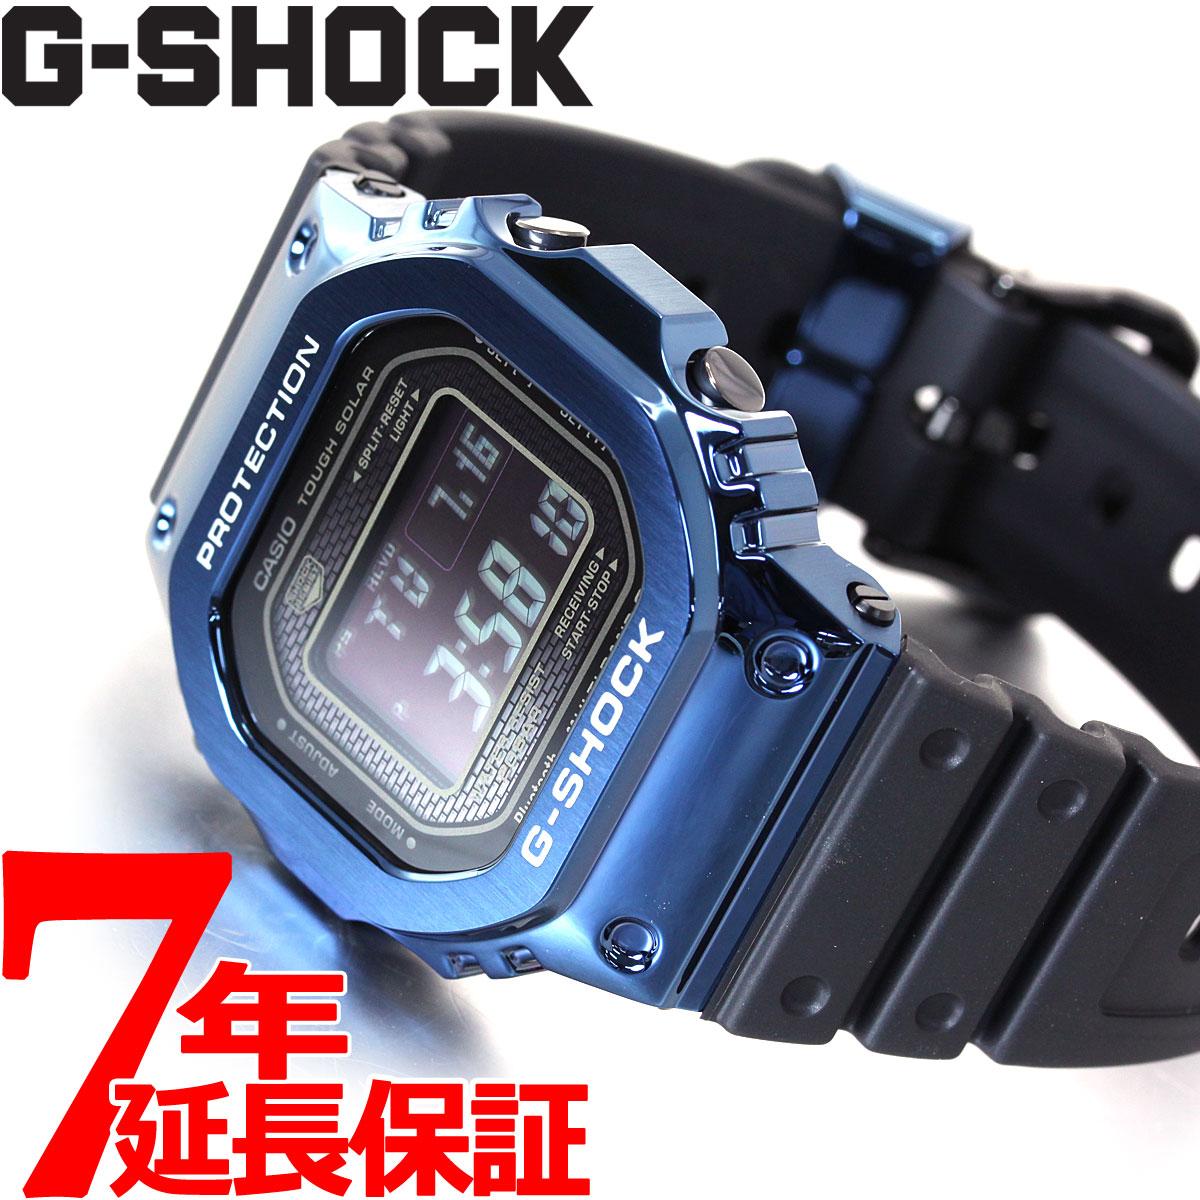 【5日0時~♪2000円OFFクーポン&店内ポイント最大51倍!5日23時59分まで】G-SHOCK カシオ Gショック CASIO 電波 ソーラー 腕時計 メンズ GMW-B5000G-2JF